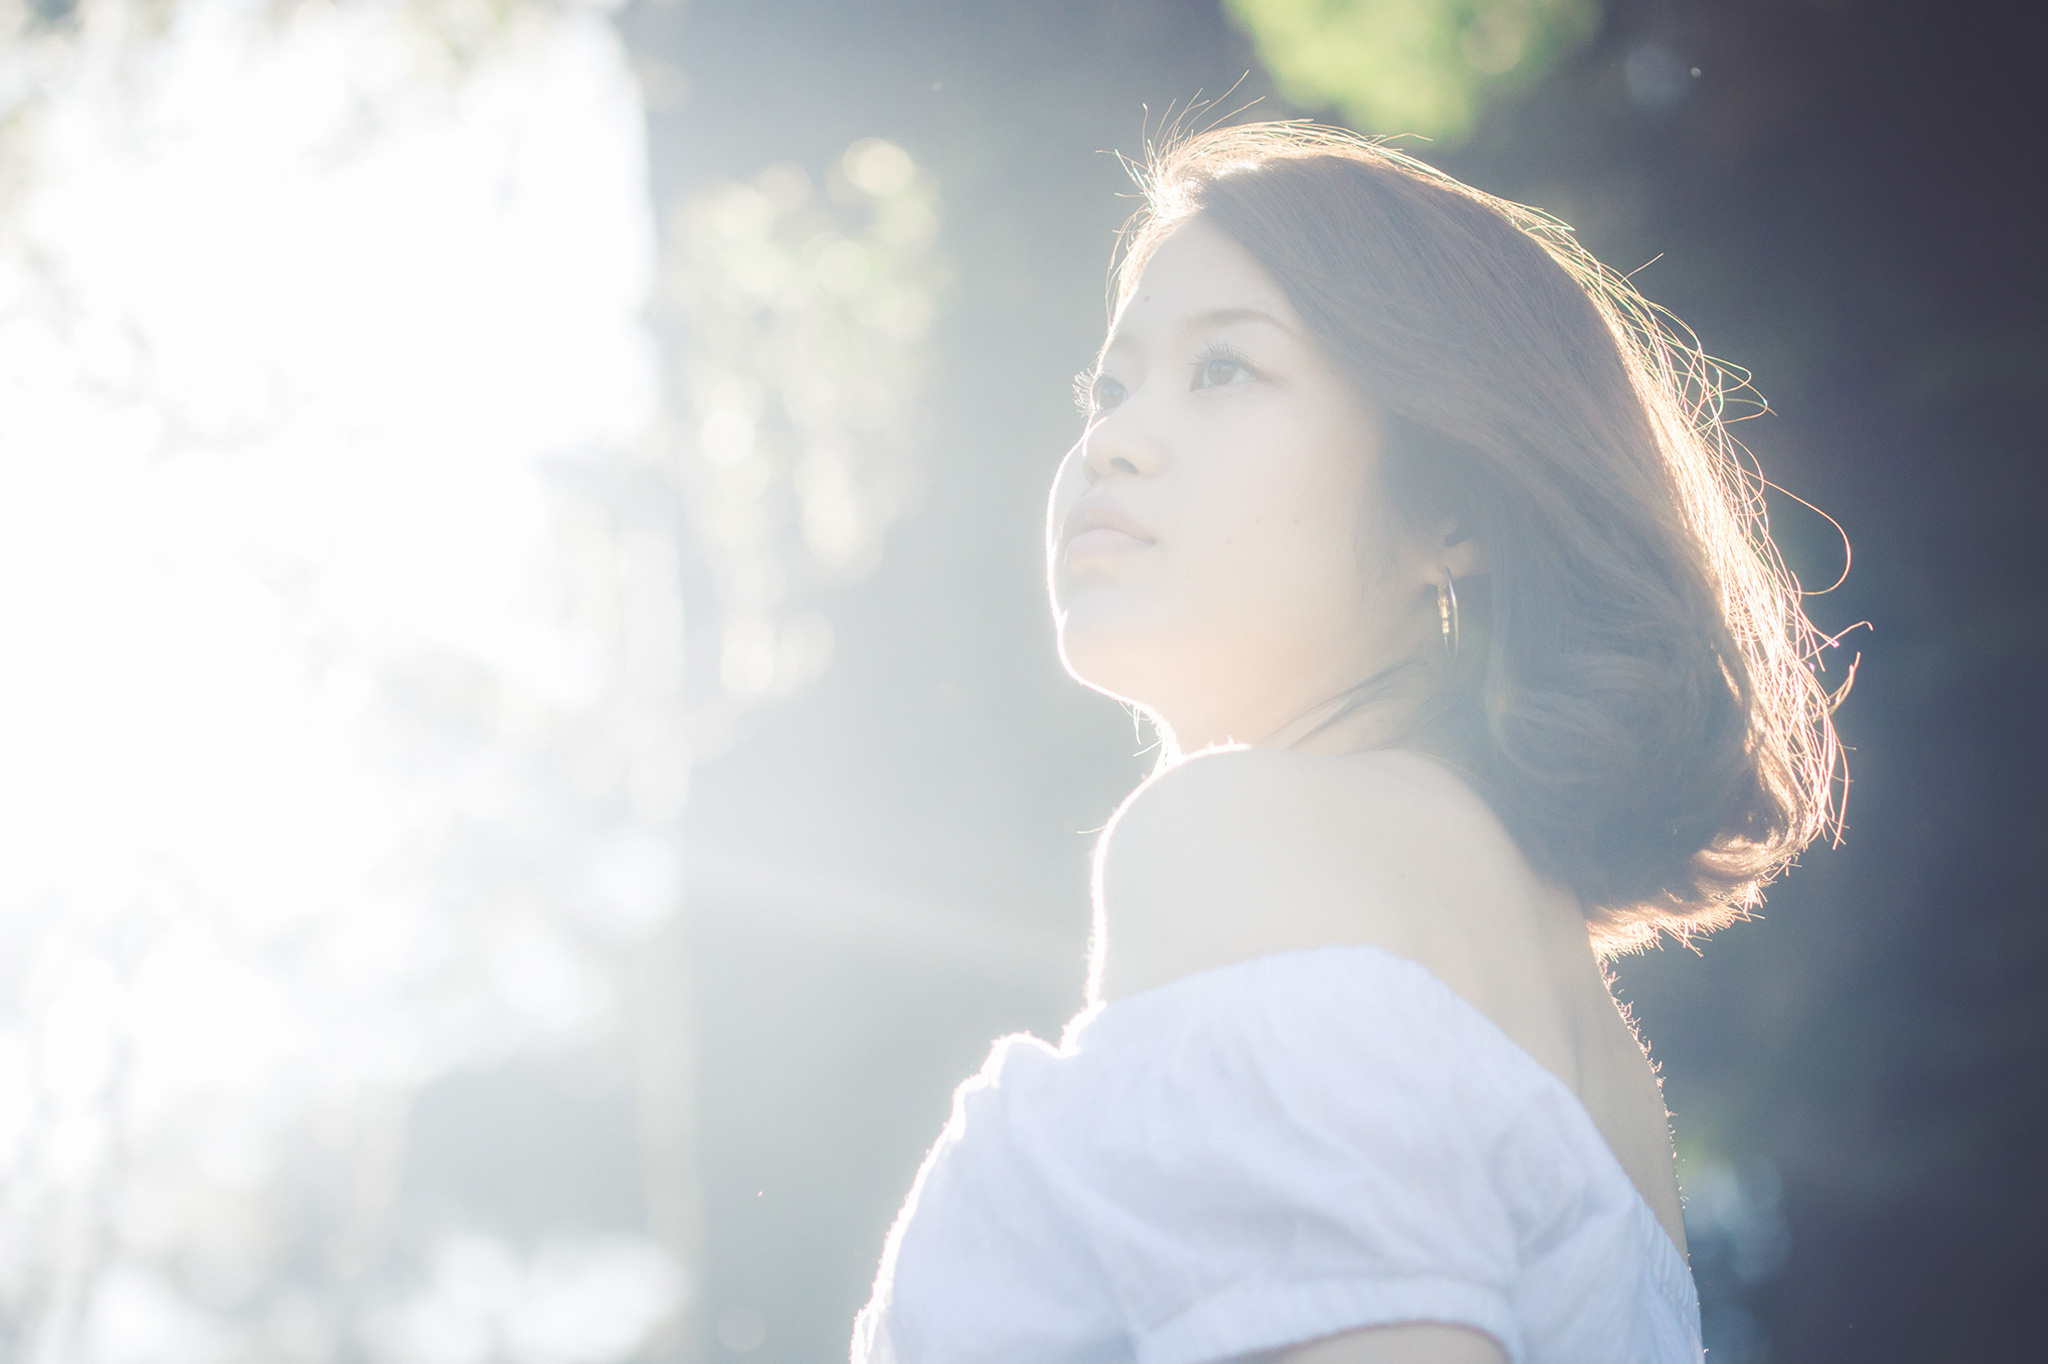 芦澤絢名さん 写真13